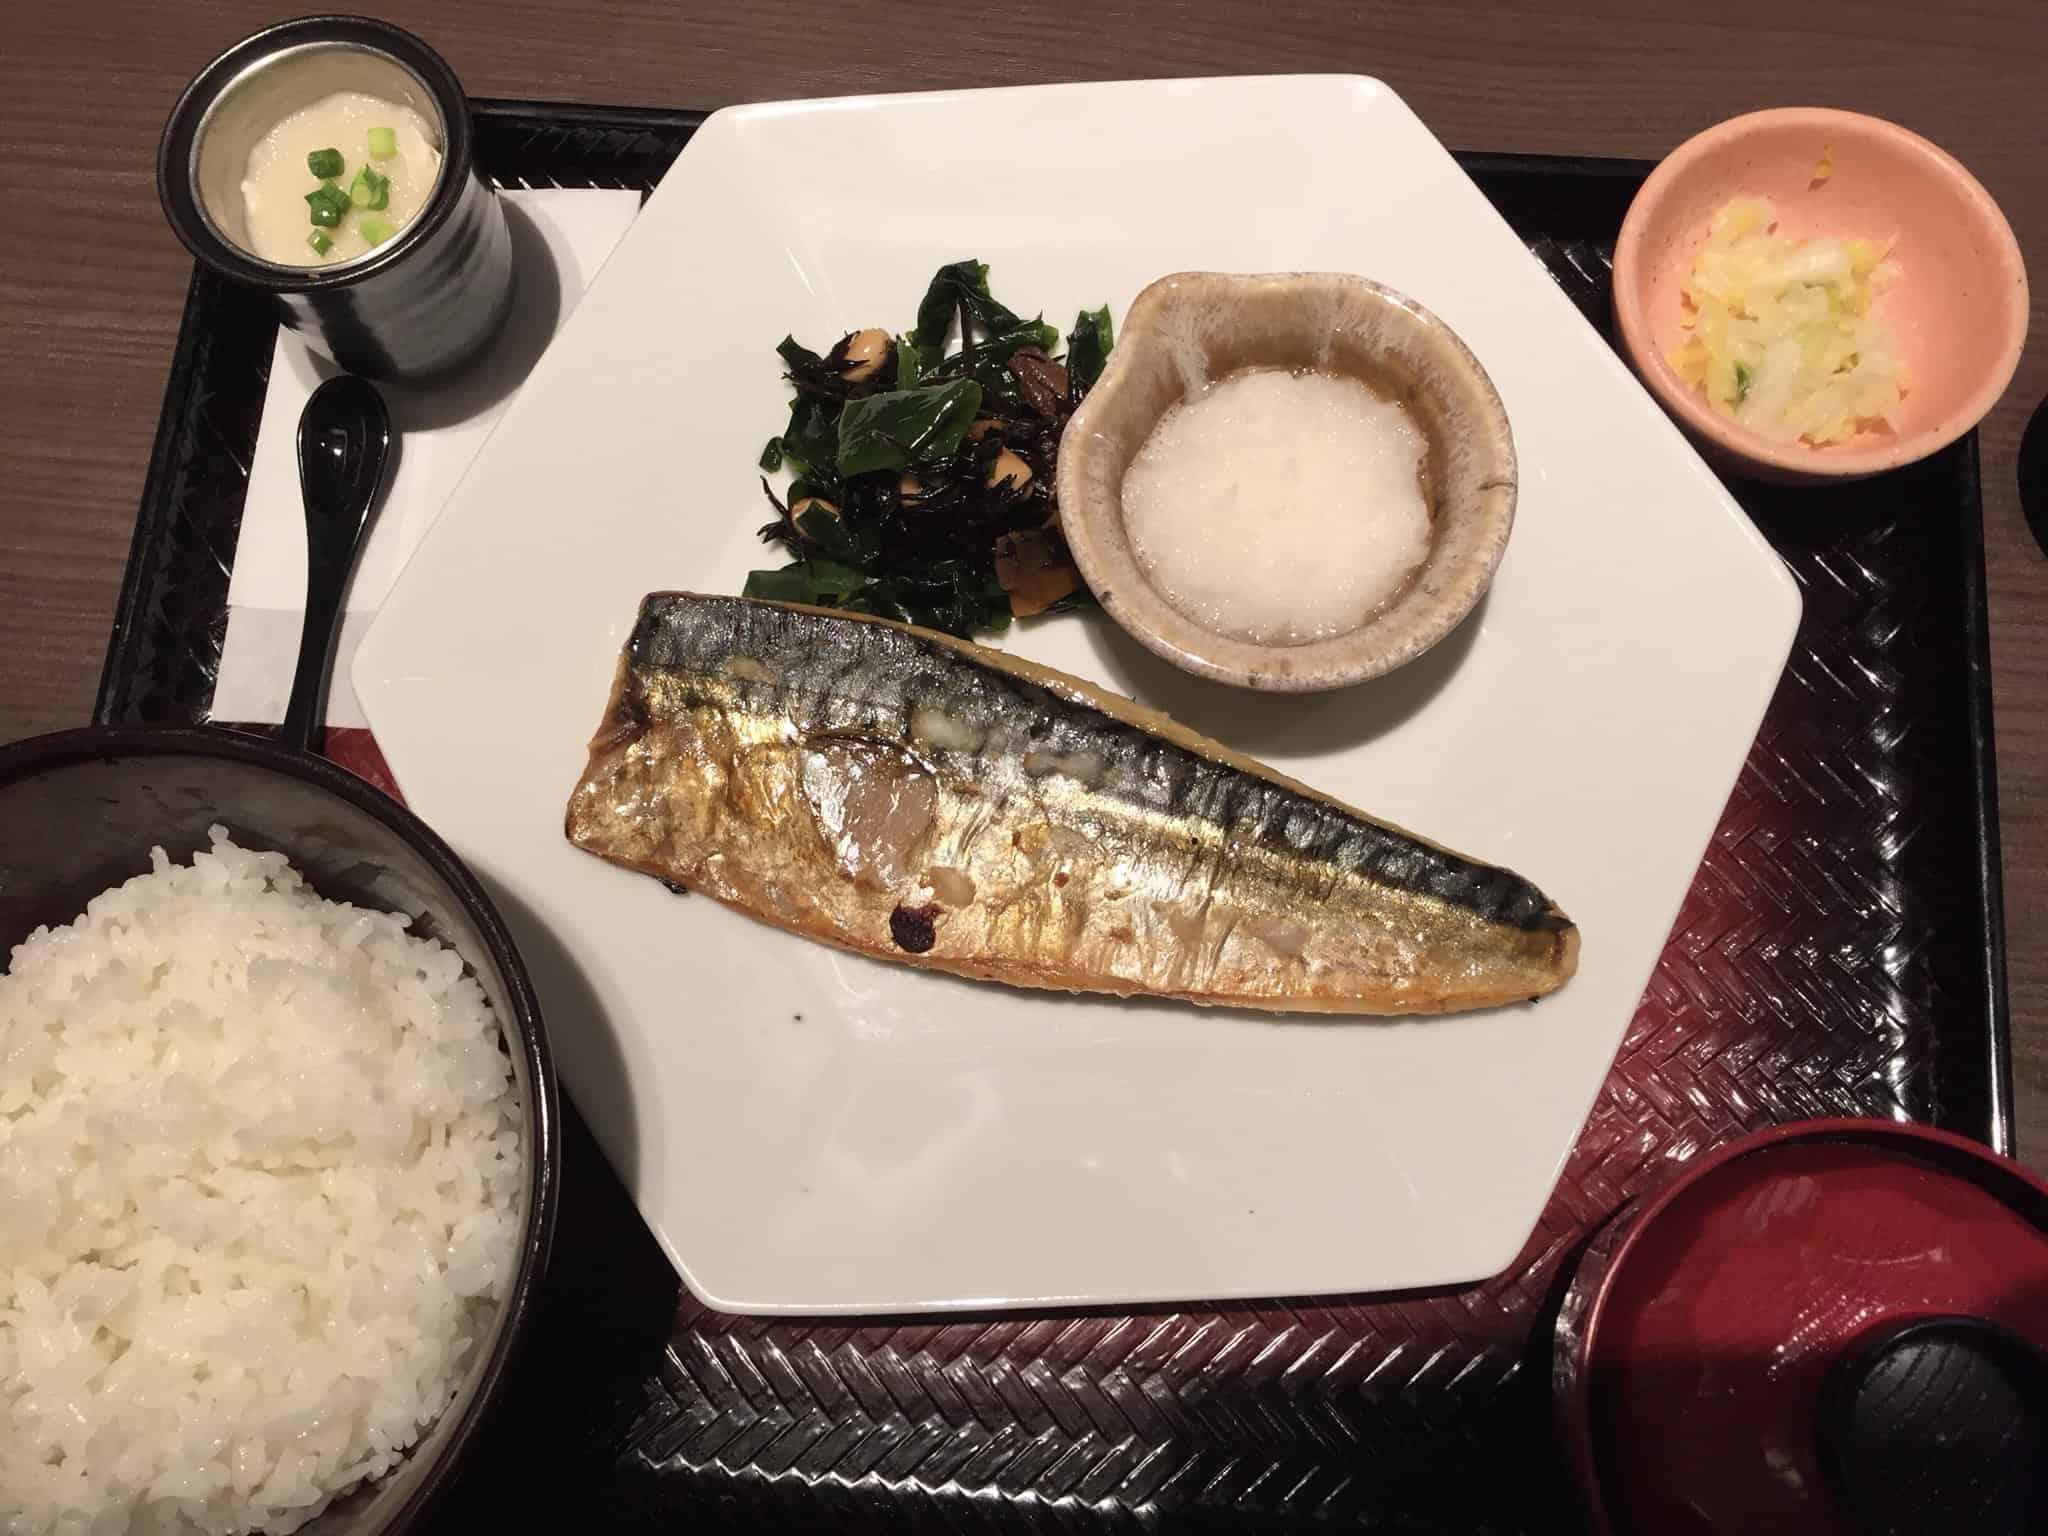 เชนร้านอาหารญี่ปุ่น : โอโตยะ (Ootoya)